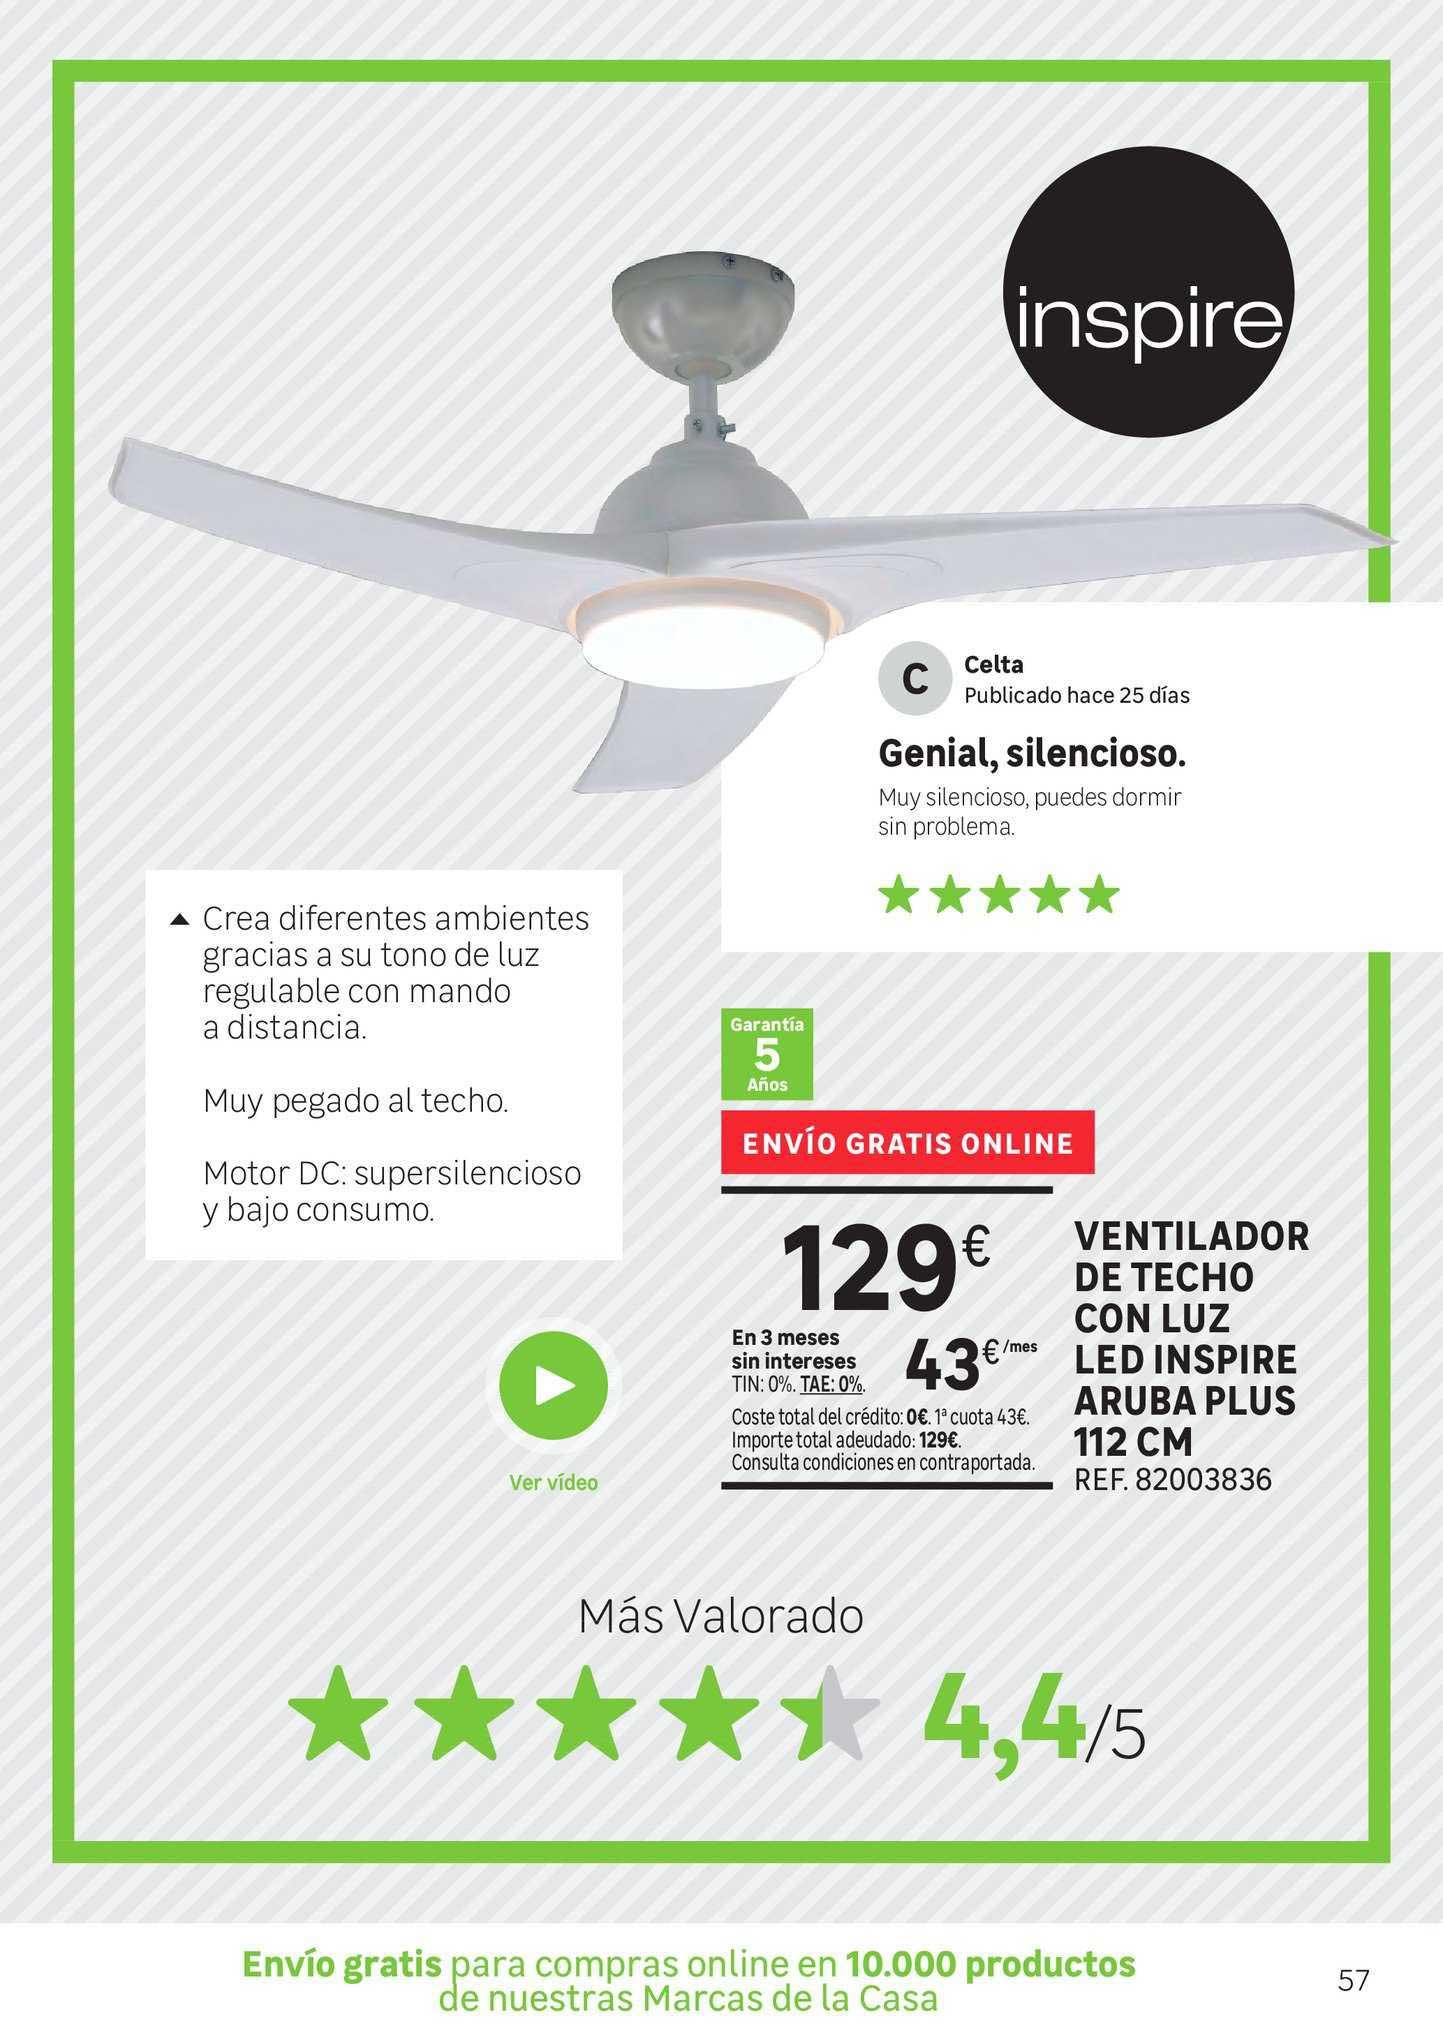 Leroy Merlin Ventilador De Techo Con Luz Led Inspire Aruba Plus 112cm